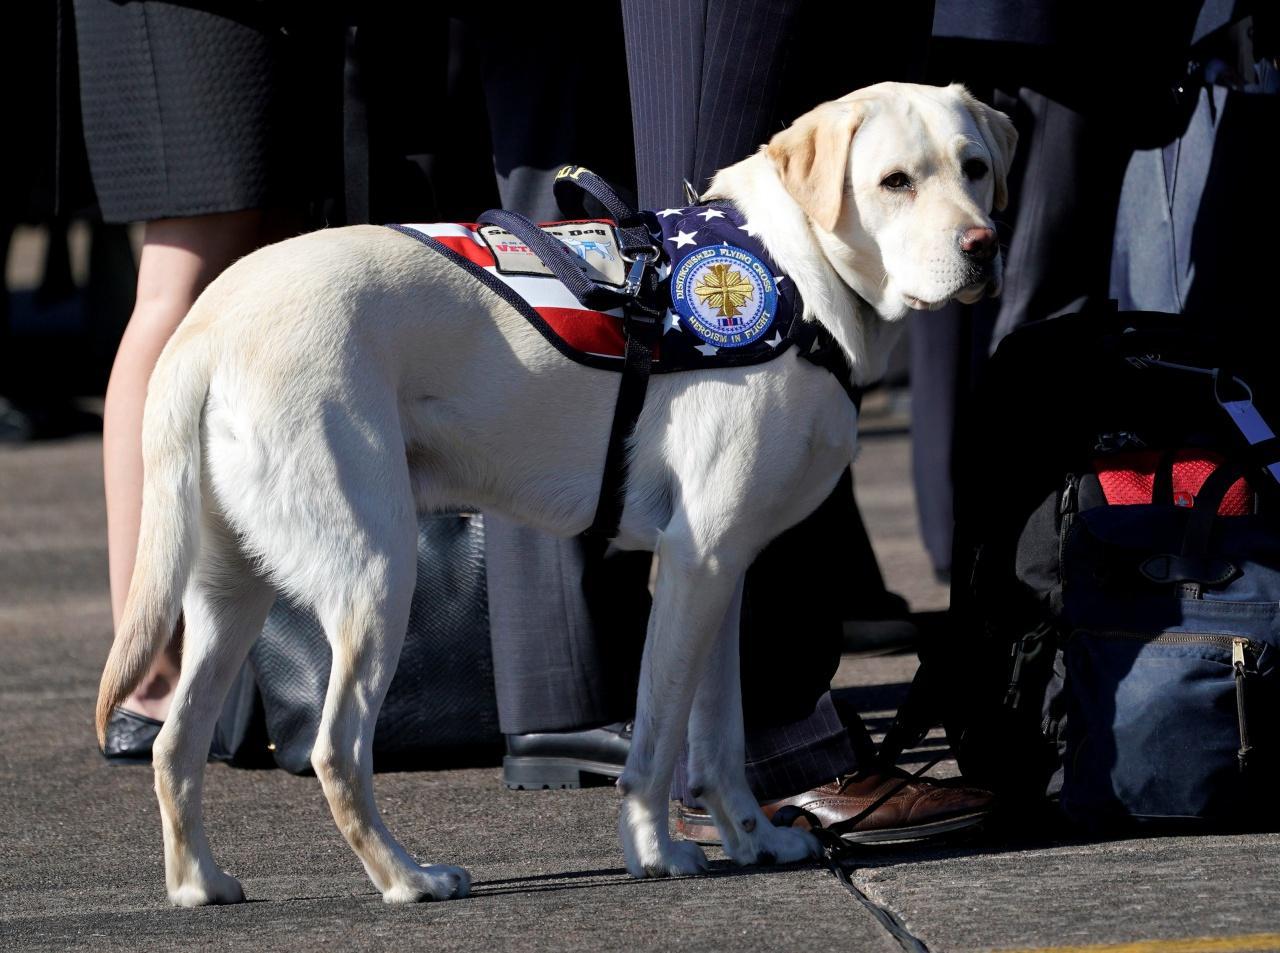 ซัลลี สุนัขช่วยเหลือผู้ป่วยคู่ใจของอดีตประธานาธิบดี จอร์จ บุช